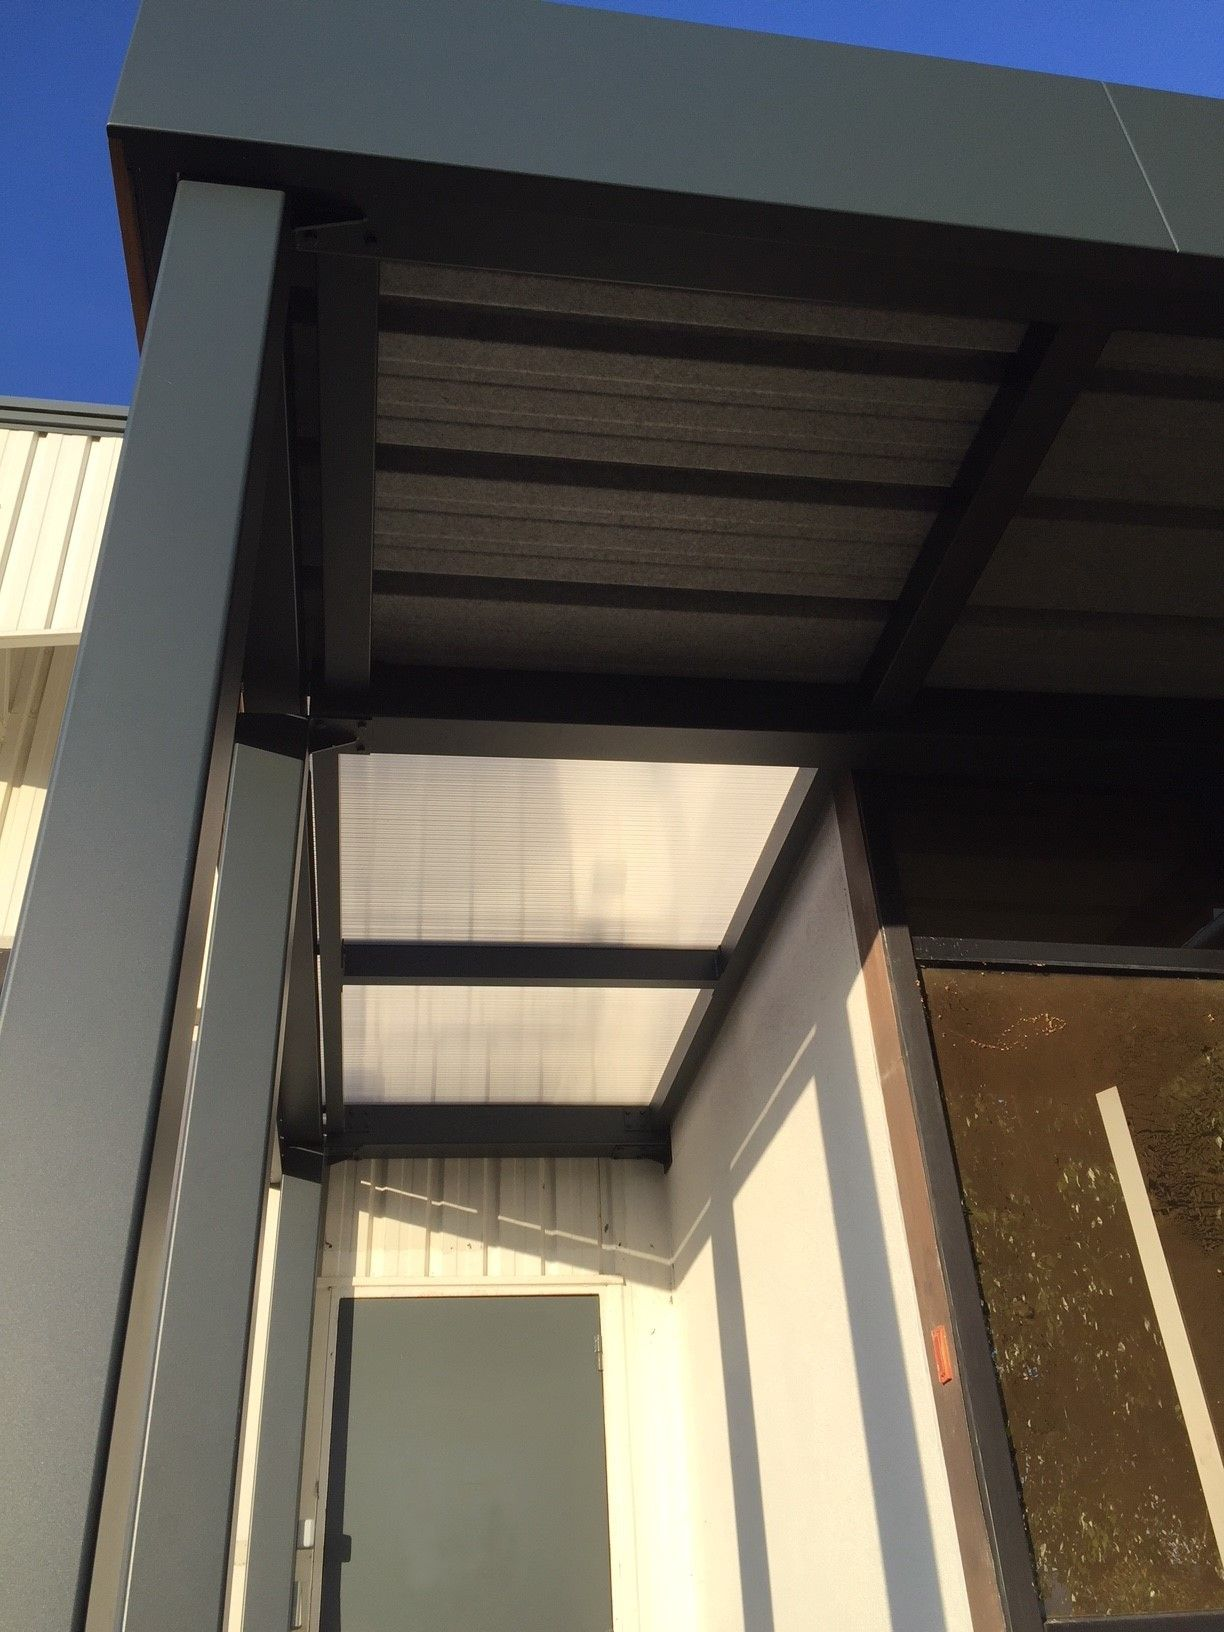 Structure aluminium pour ce carport surmesure, bandeau